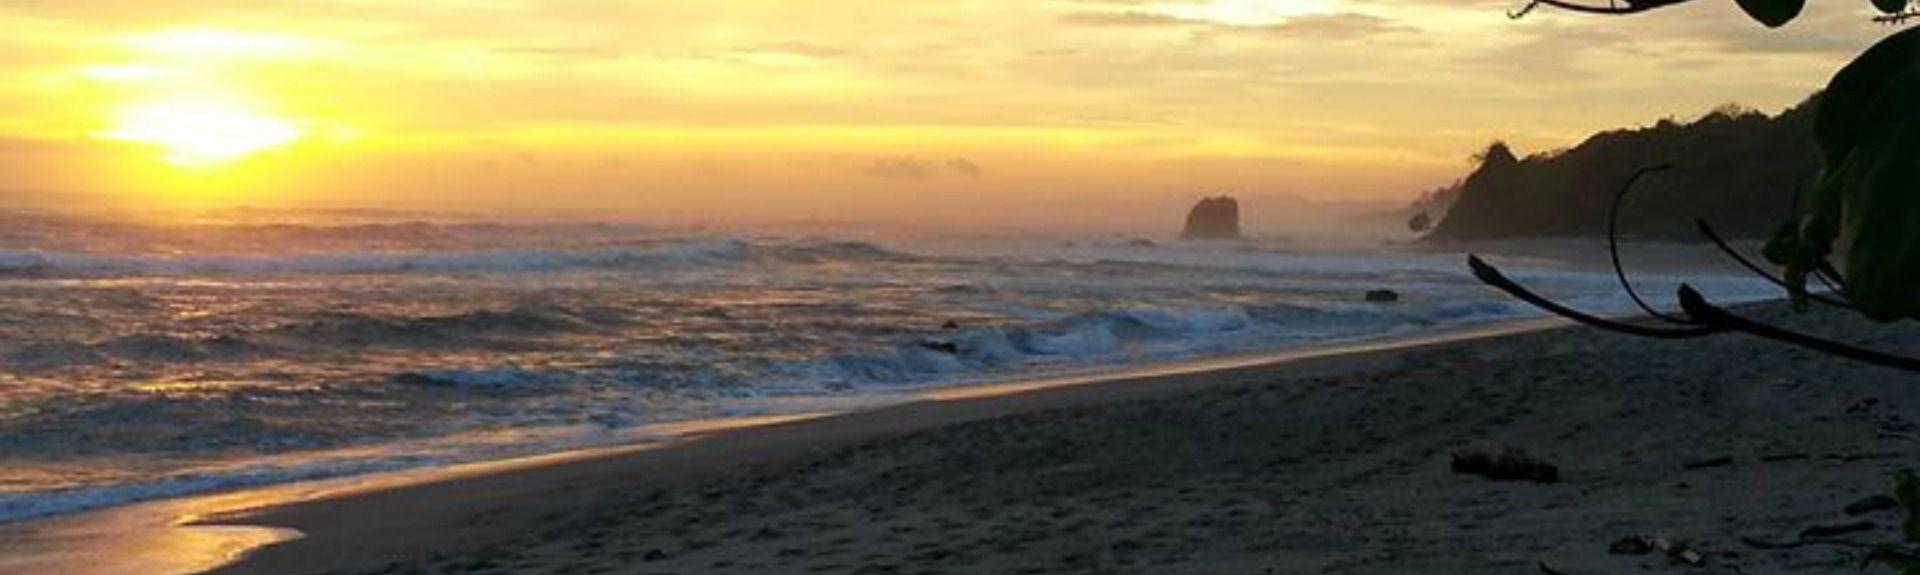 Playa Hermosa Cóbano, Cobano, Puntarenas (province), Costa Rica